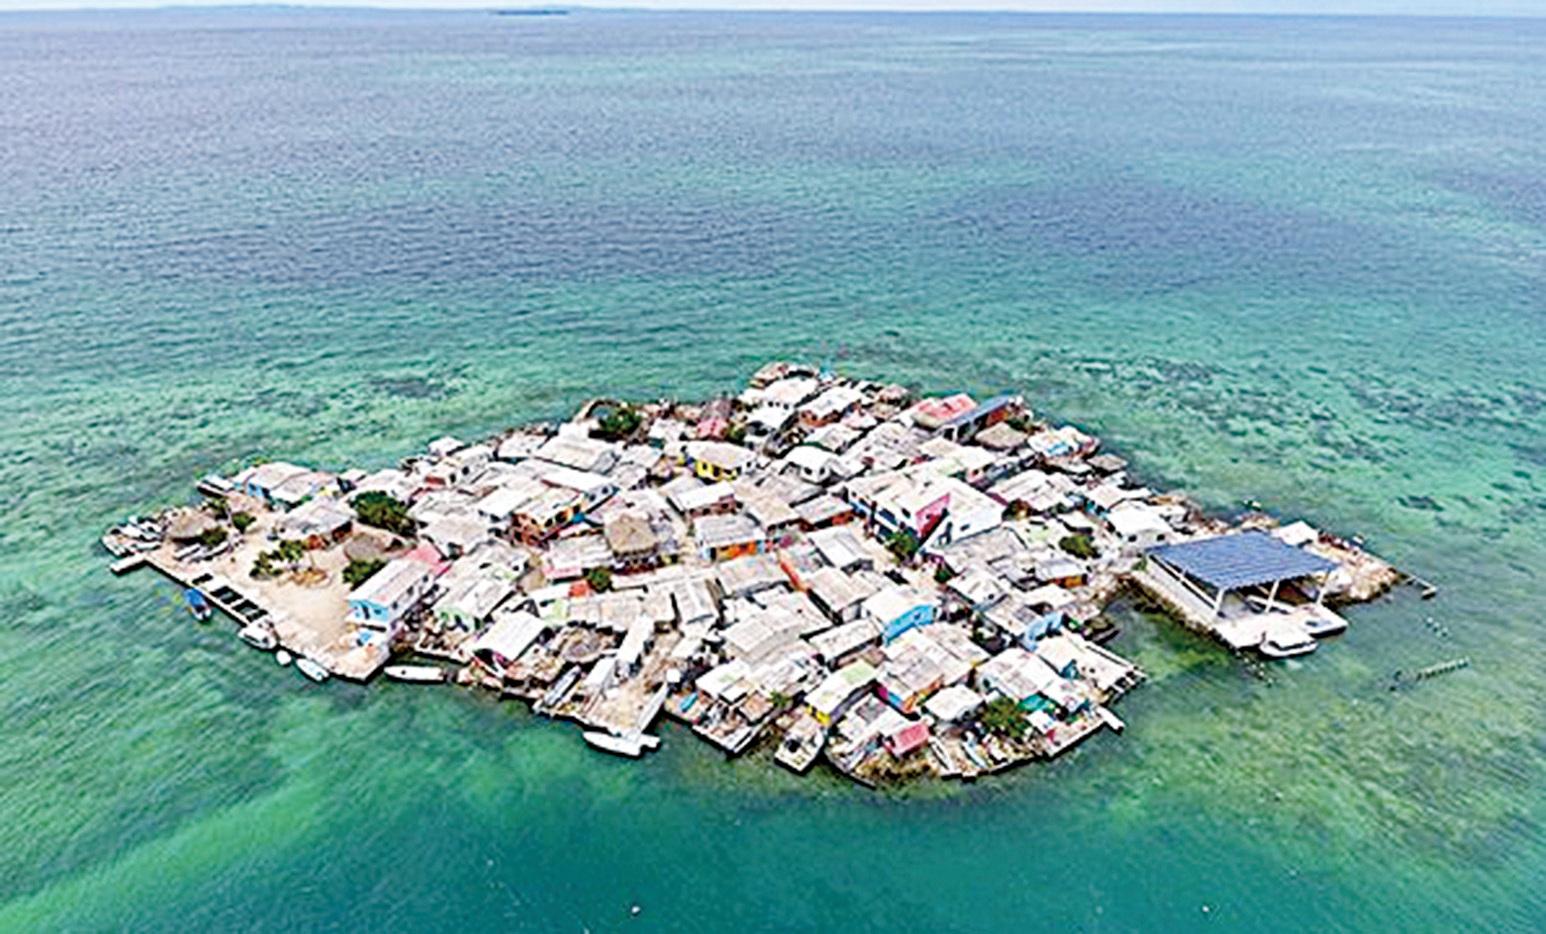 空中俯瞰聖克魯斯島(Santa Cruz del Islote),島上佈滿密密麻麻的屋舍,不愧為世界上人口密度最大的島嶼。(網絡圖片)